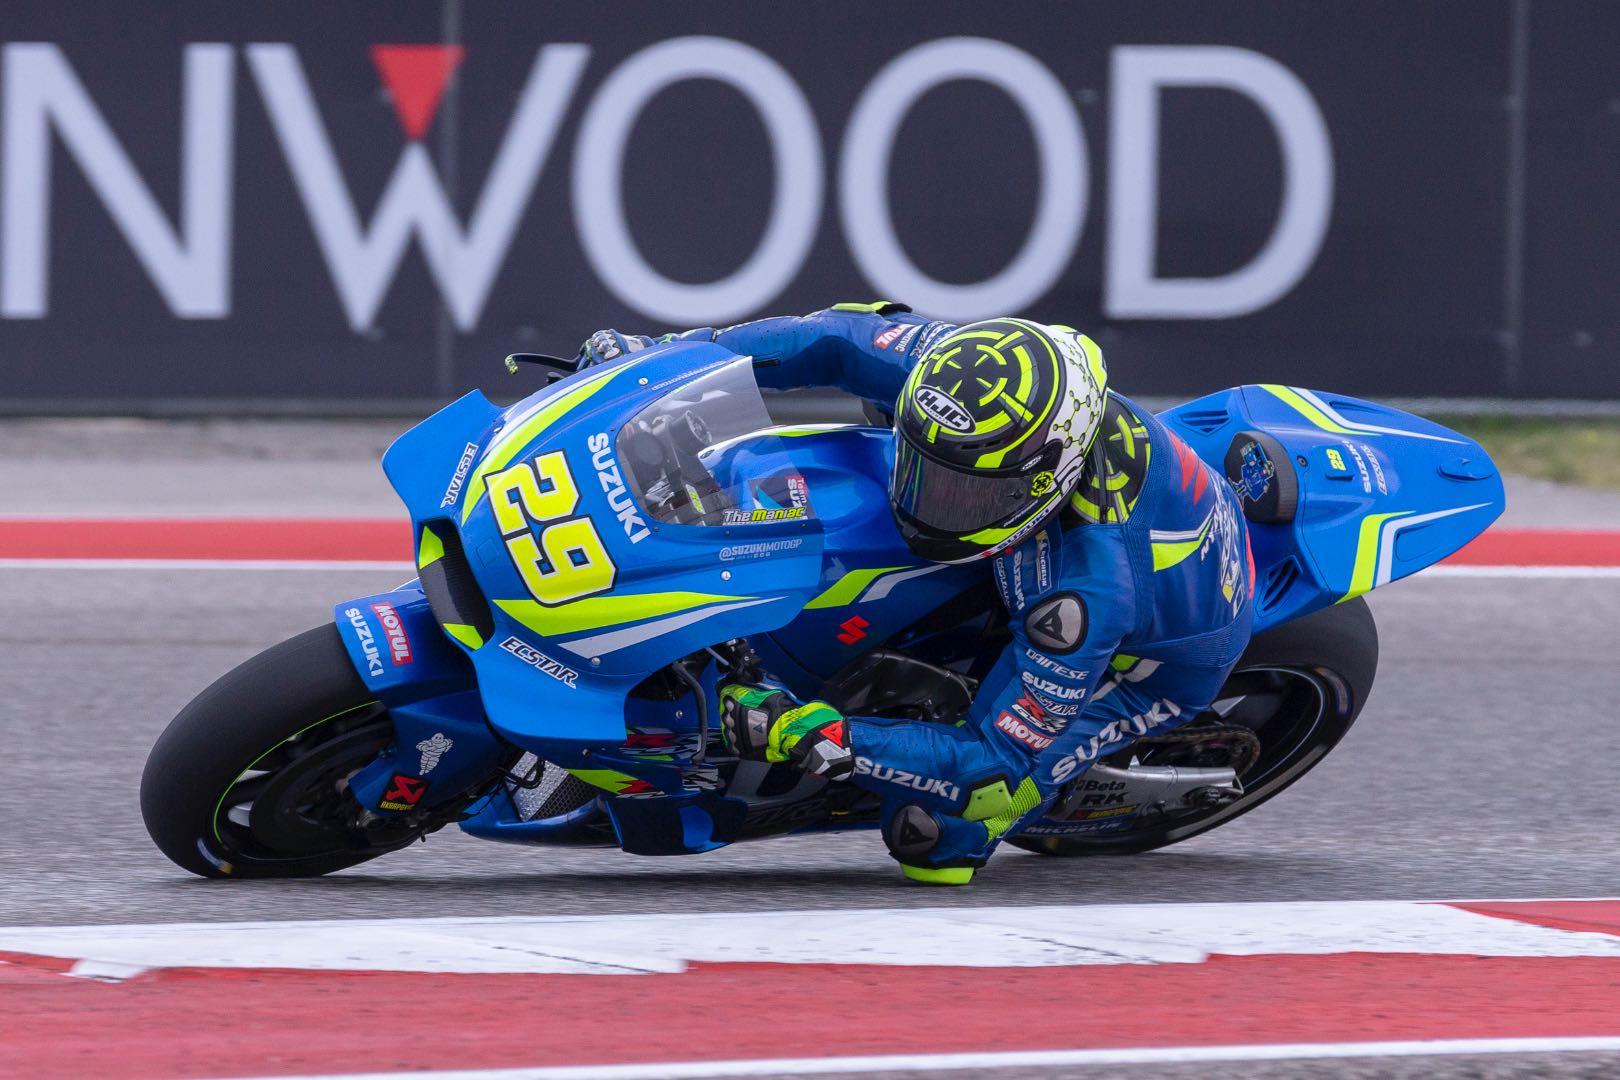 2018 Austin MotoGP Qualifying: Suzuki's Andrea Iannone